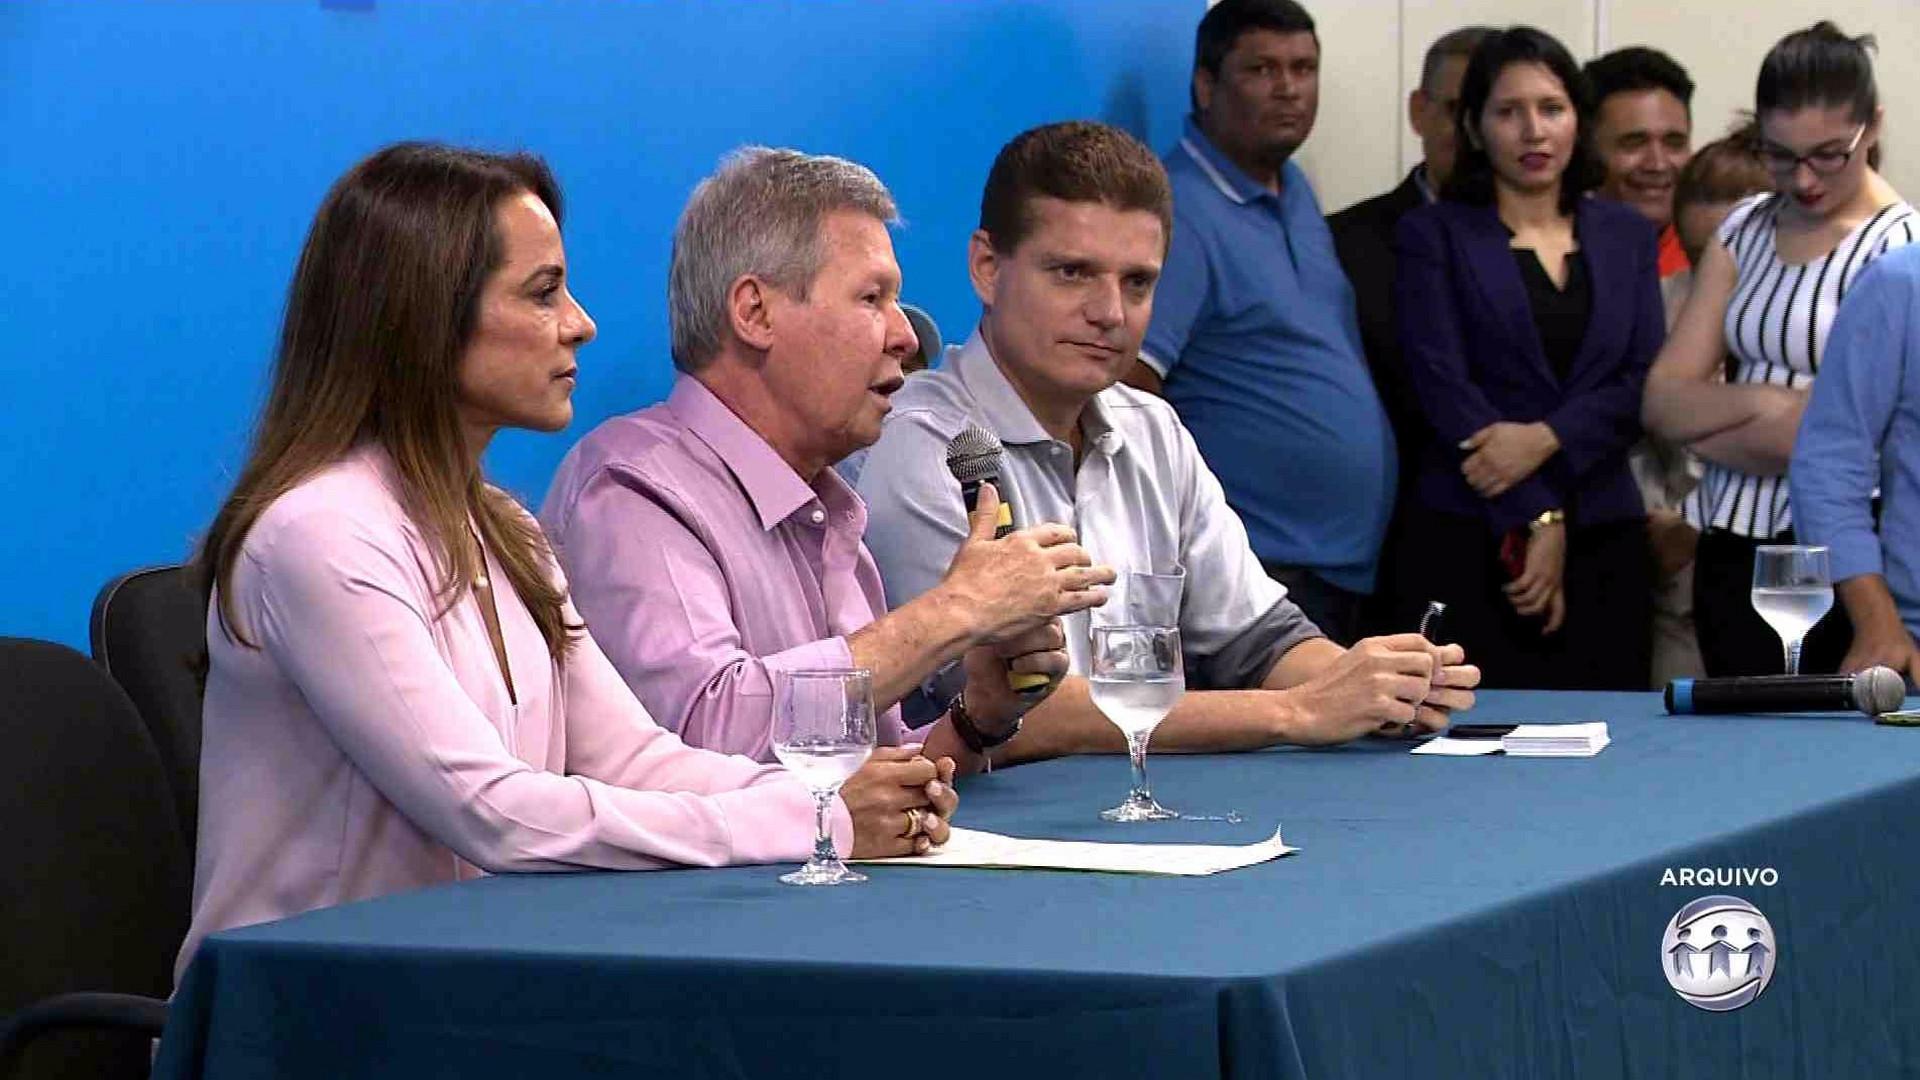 TRIBUNAL DE CONTAS PREVÊ DEMISSÃO DE 10% DOS TEMPORÁRIOS DA PREFEITURA - A Crítica na TV 18/10/17